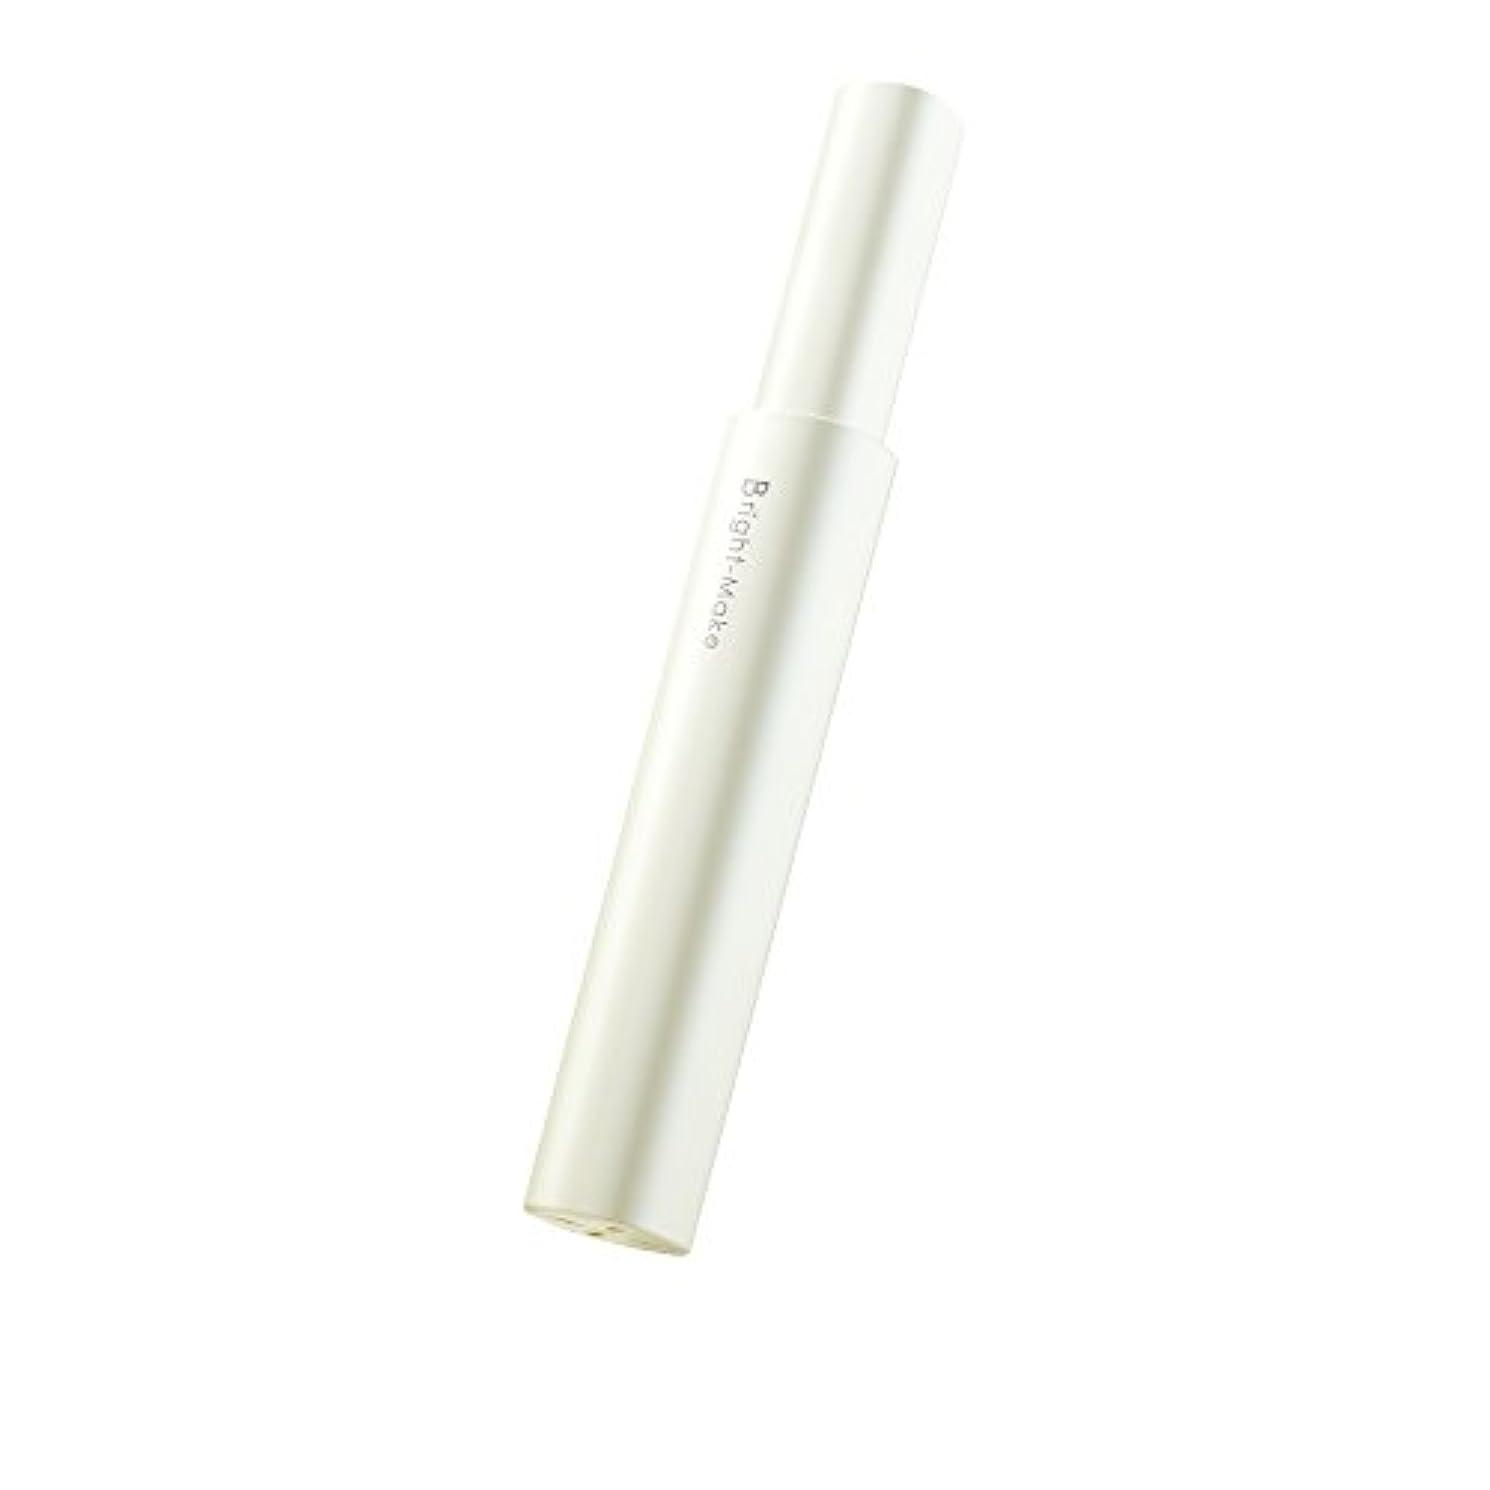 不安定な脱走に向かってオーヴィックス 電動歯ブラシ Bright-Make(ブライトメイク) ホワイト BRM-WT01